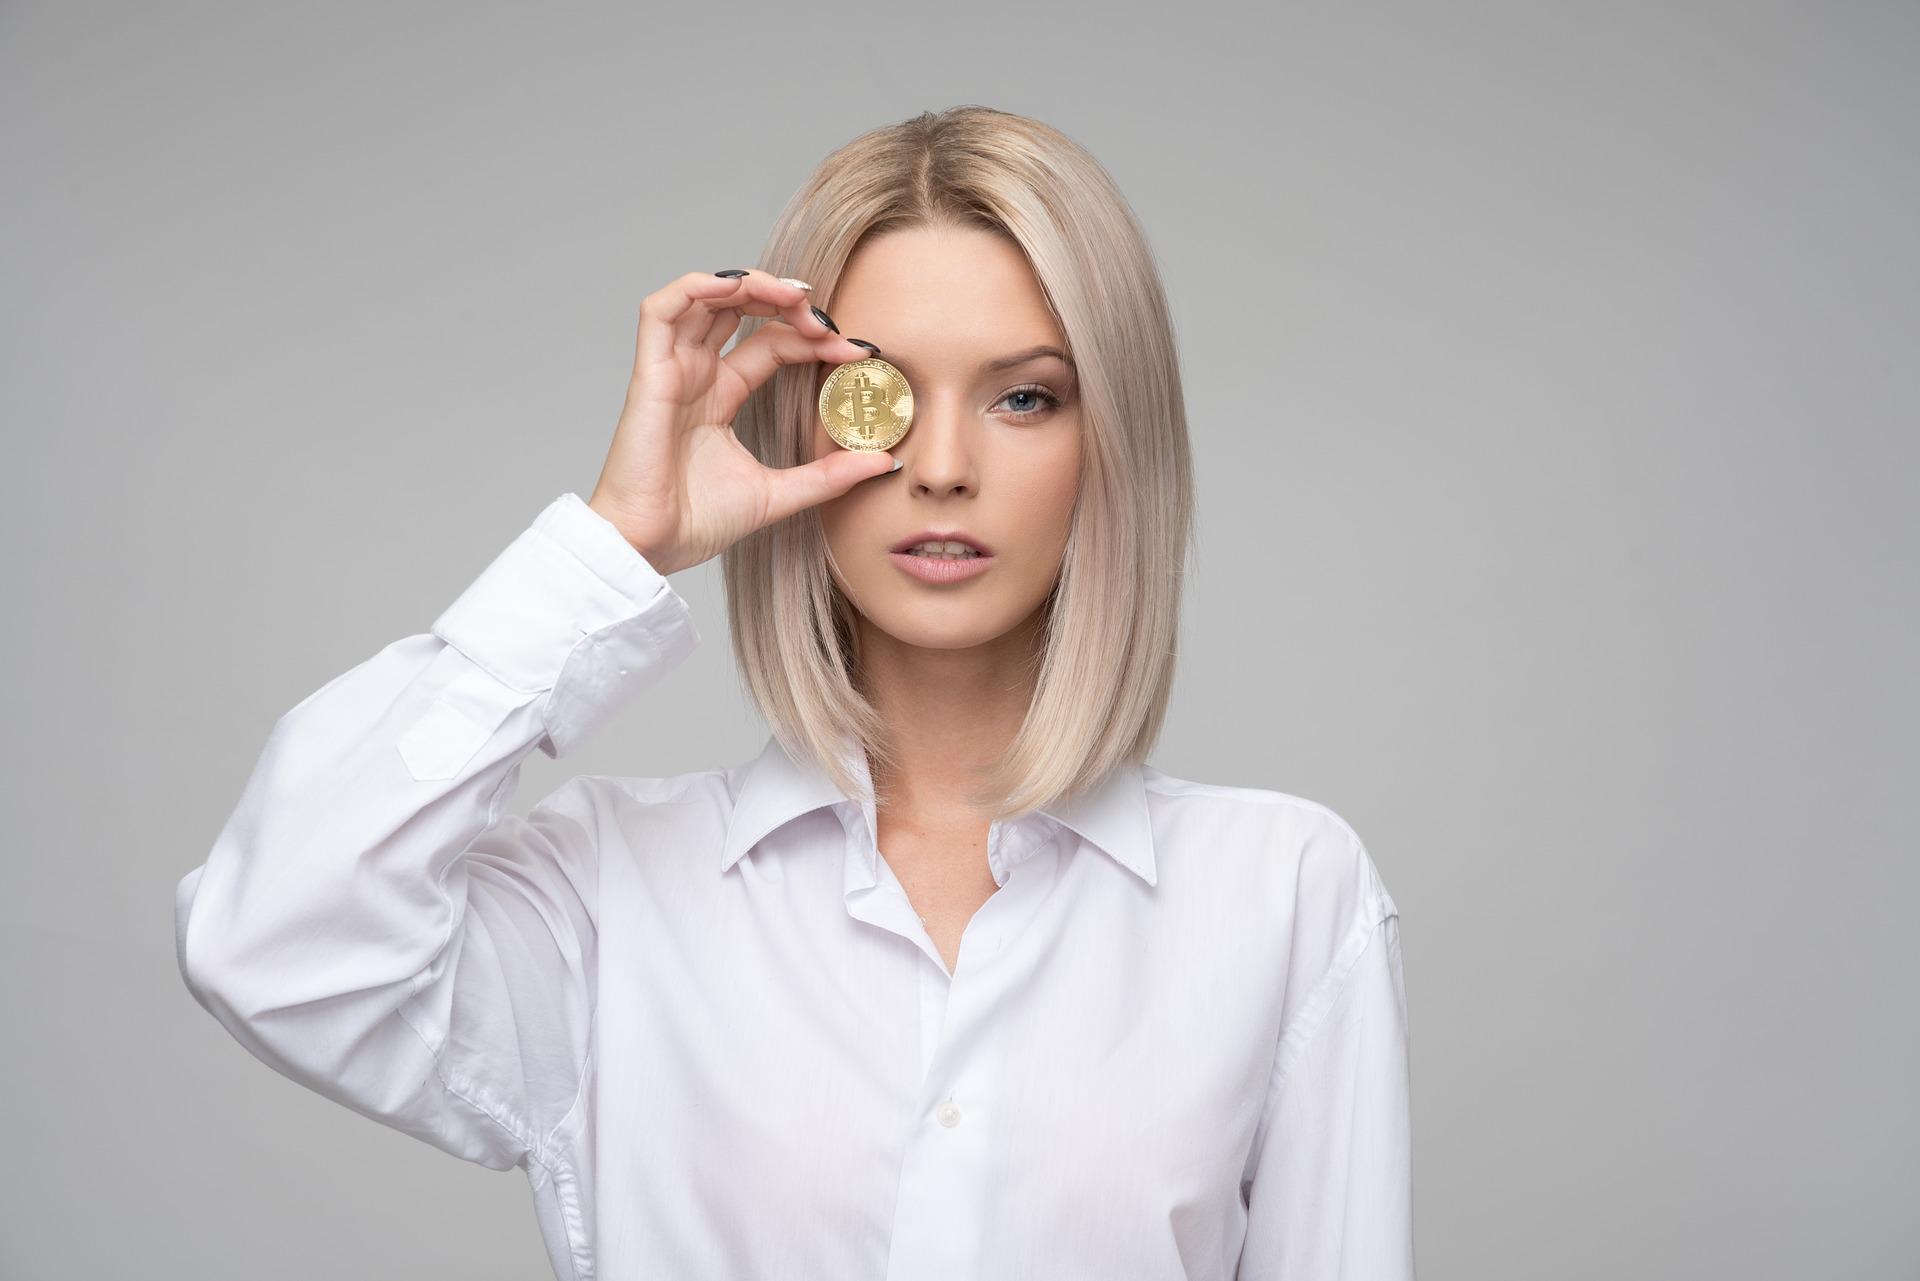 Pieniądze studenta (fot.pixabay.com)